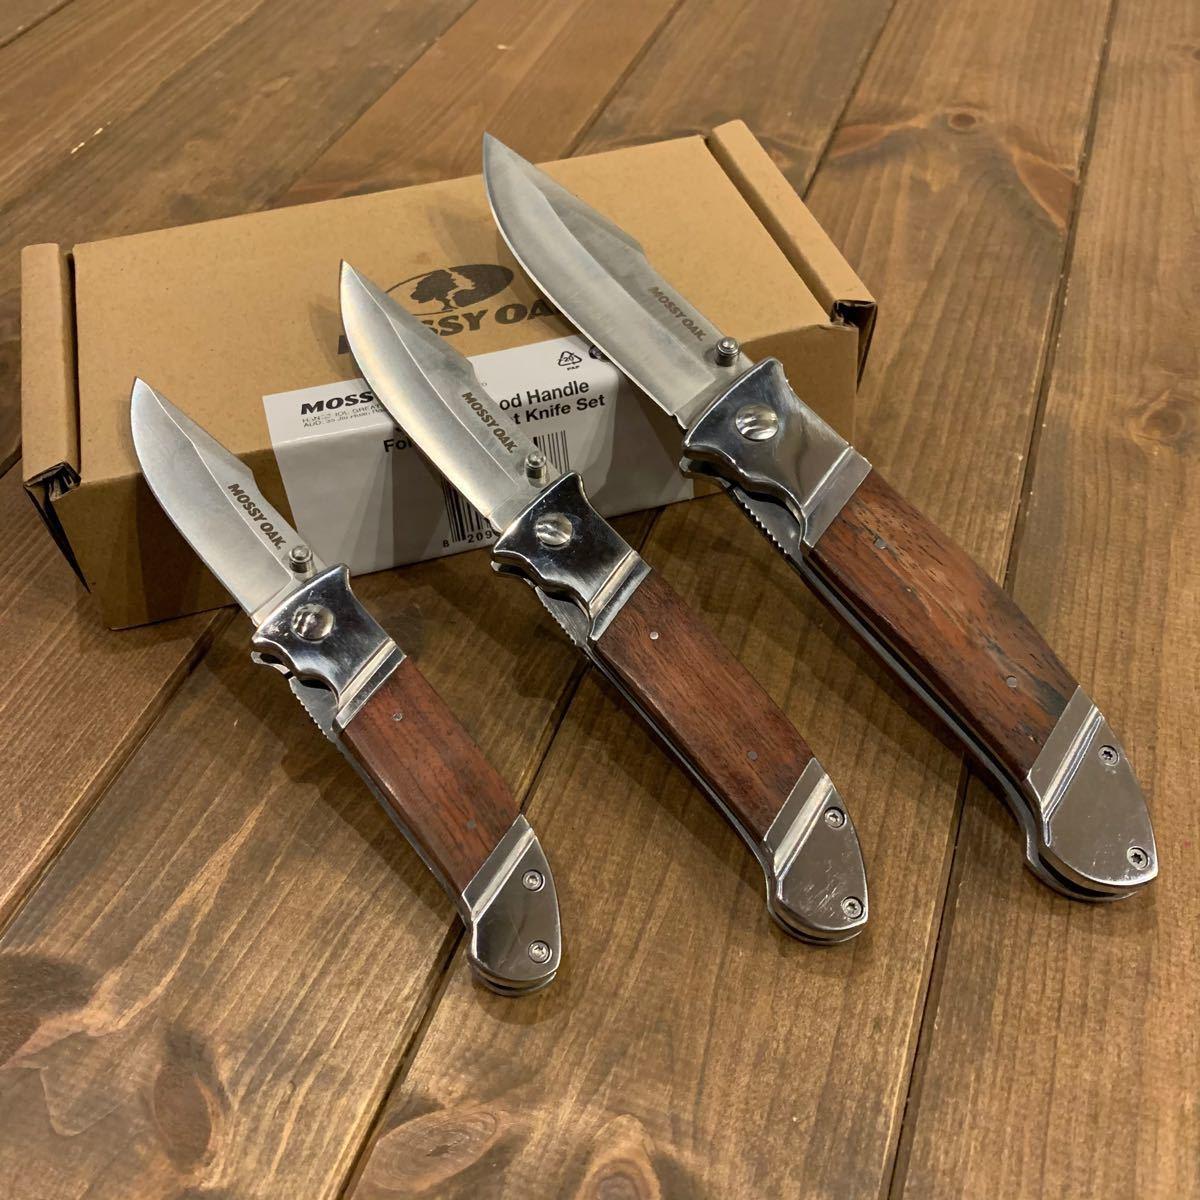 MOSSY OAK 折りたたみナイフ 天然ウッドハンドル  3本組